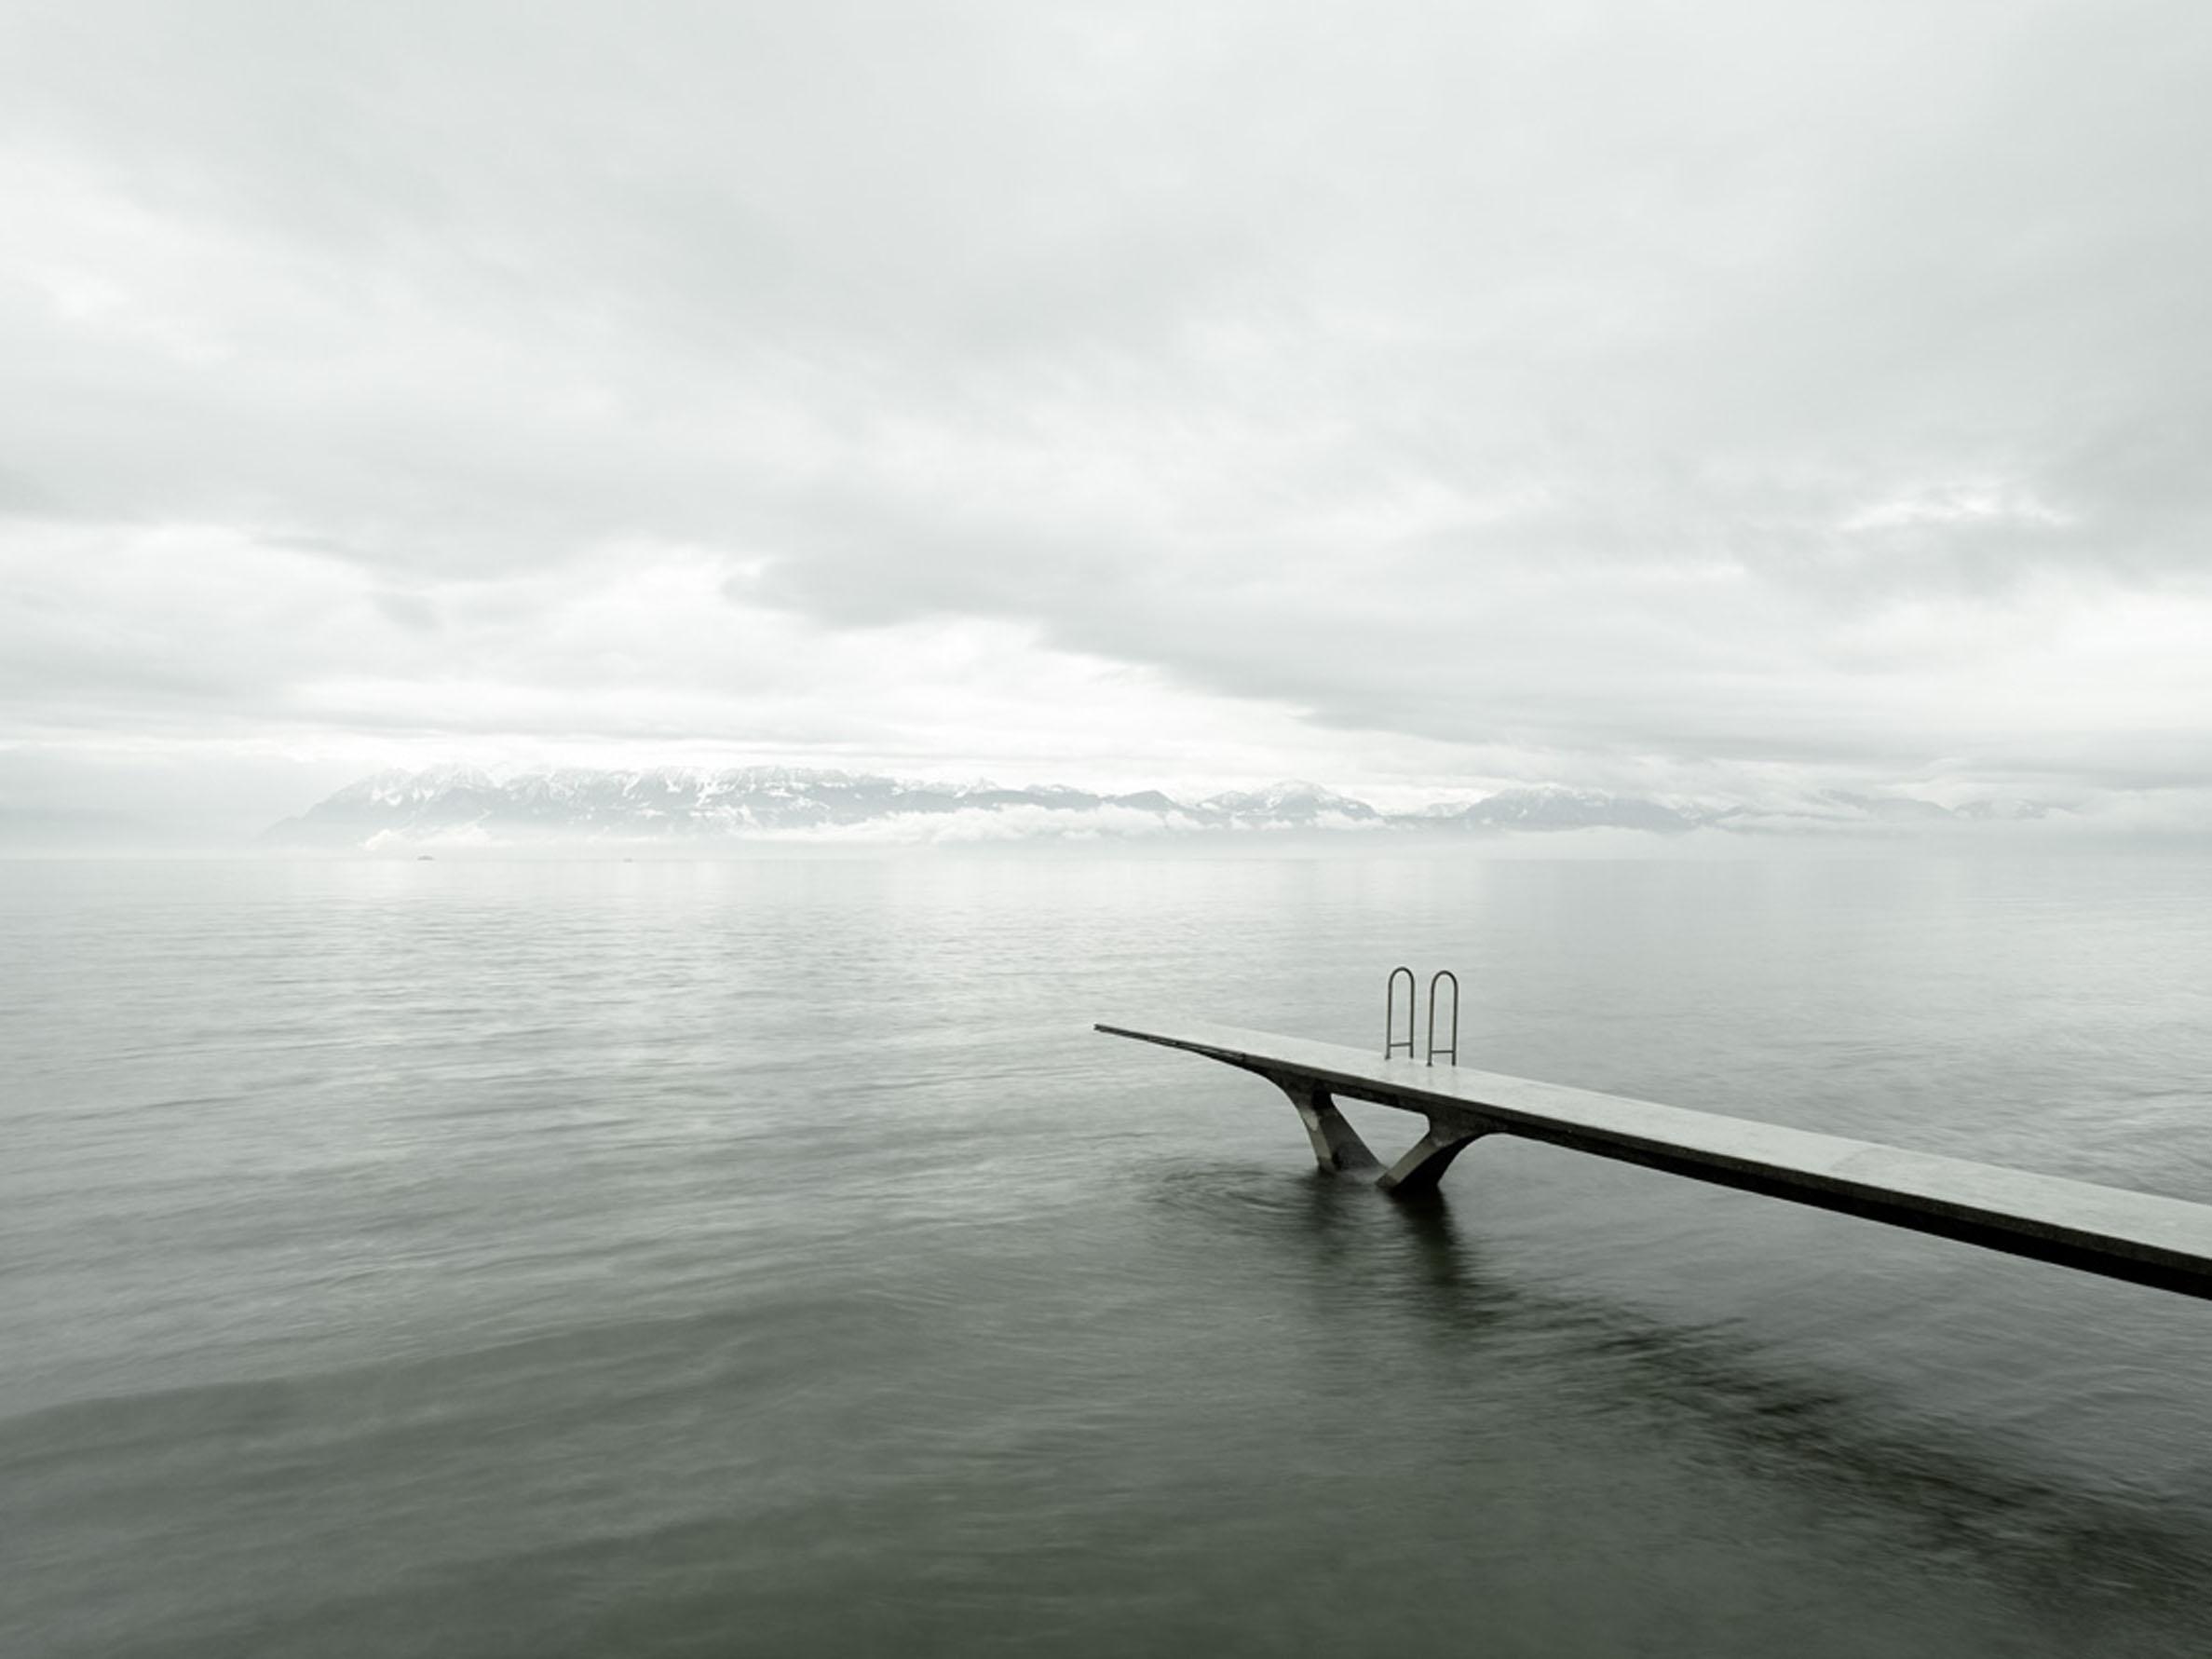 Sandro DienerGenfersee, Schweiz, 2013135 x 110 cm Edition of 5 geprintet auf Hahnemühle Photo Rag 305 g